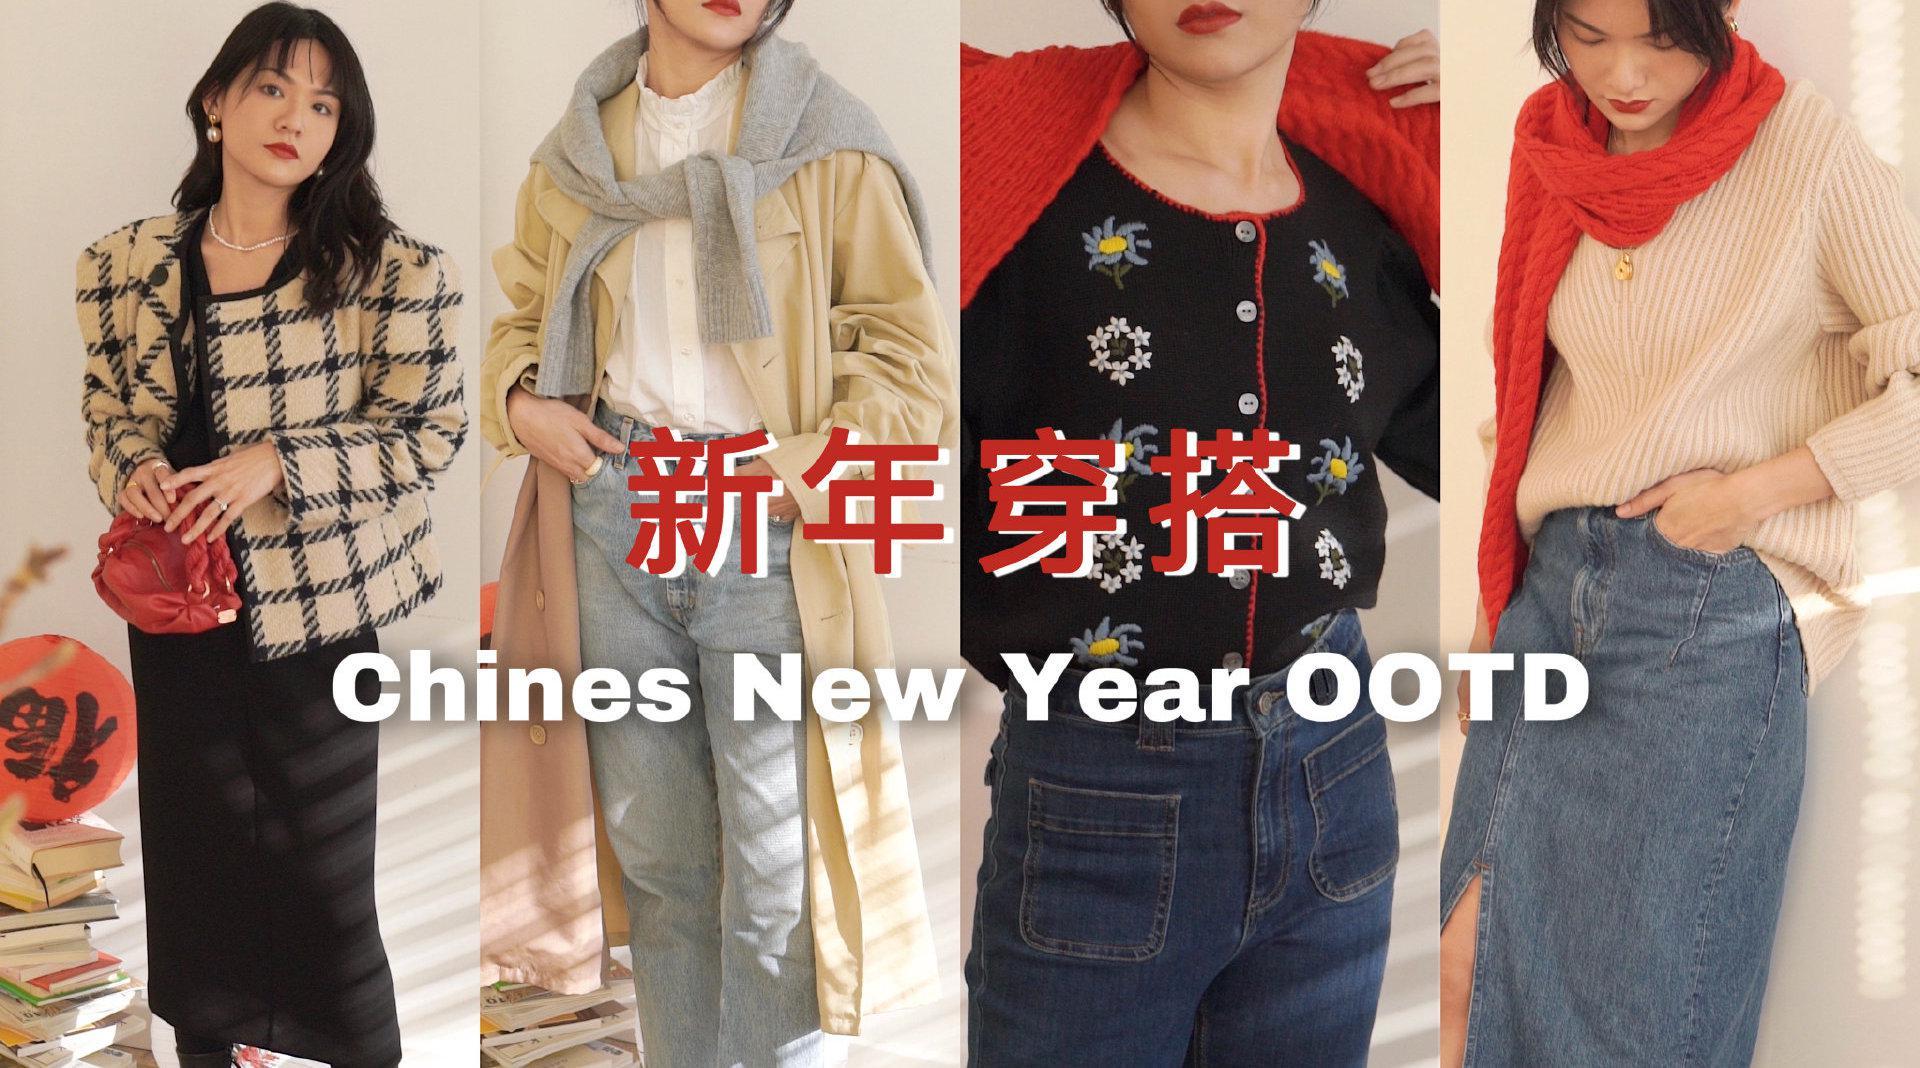 春节过年时我会怎么穿?